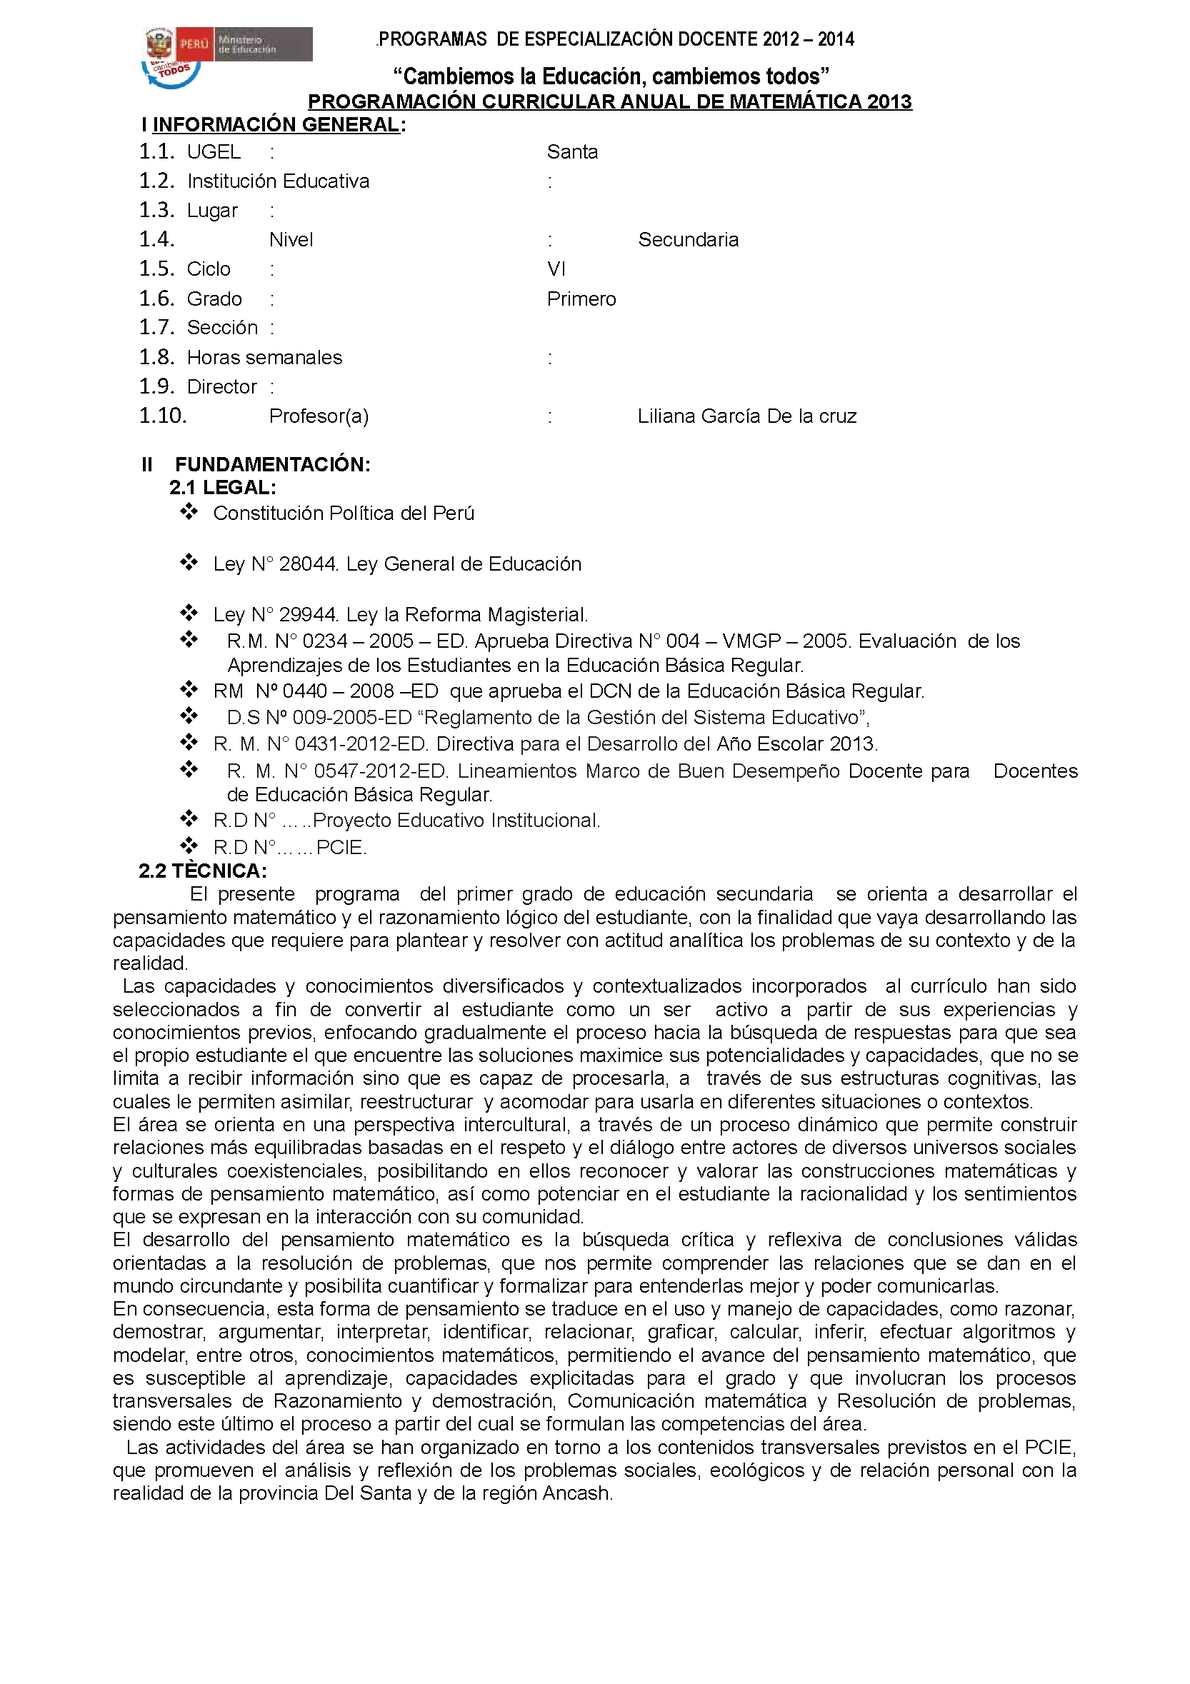 MODELO DE PROGRAMACIÓN UNIDAD Y SESIÓN DE EDUCACIÓN SECUNDARIA 2013